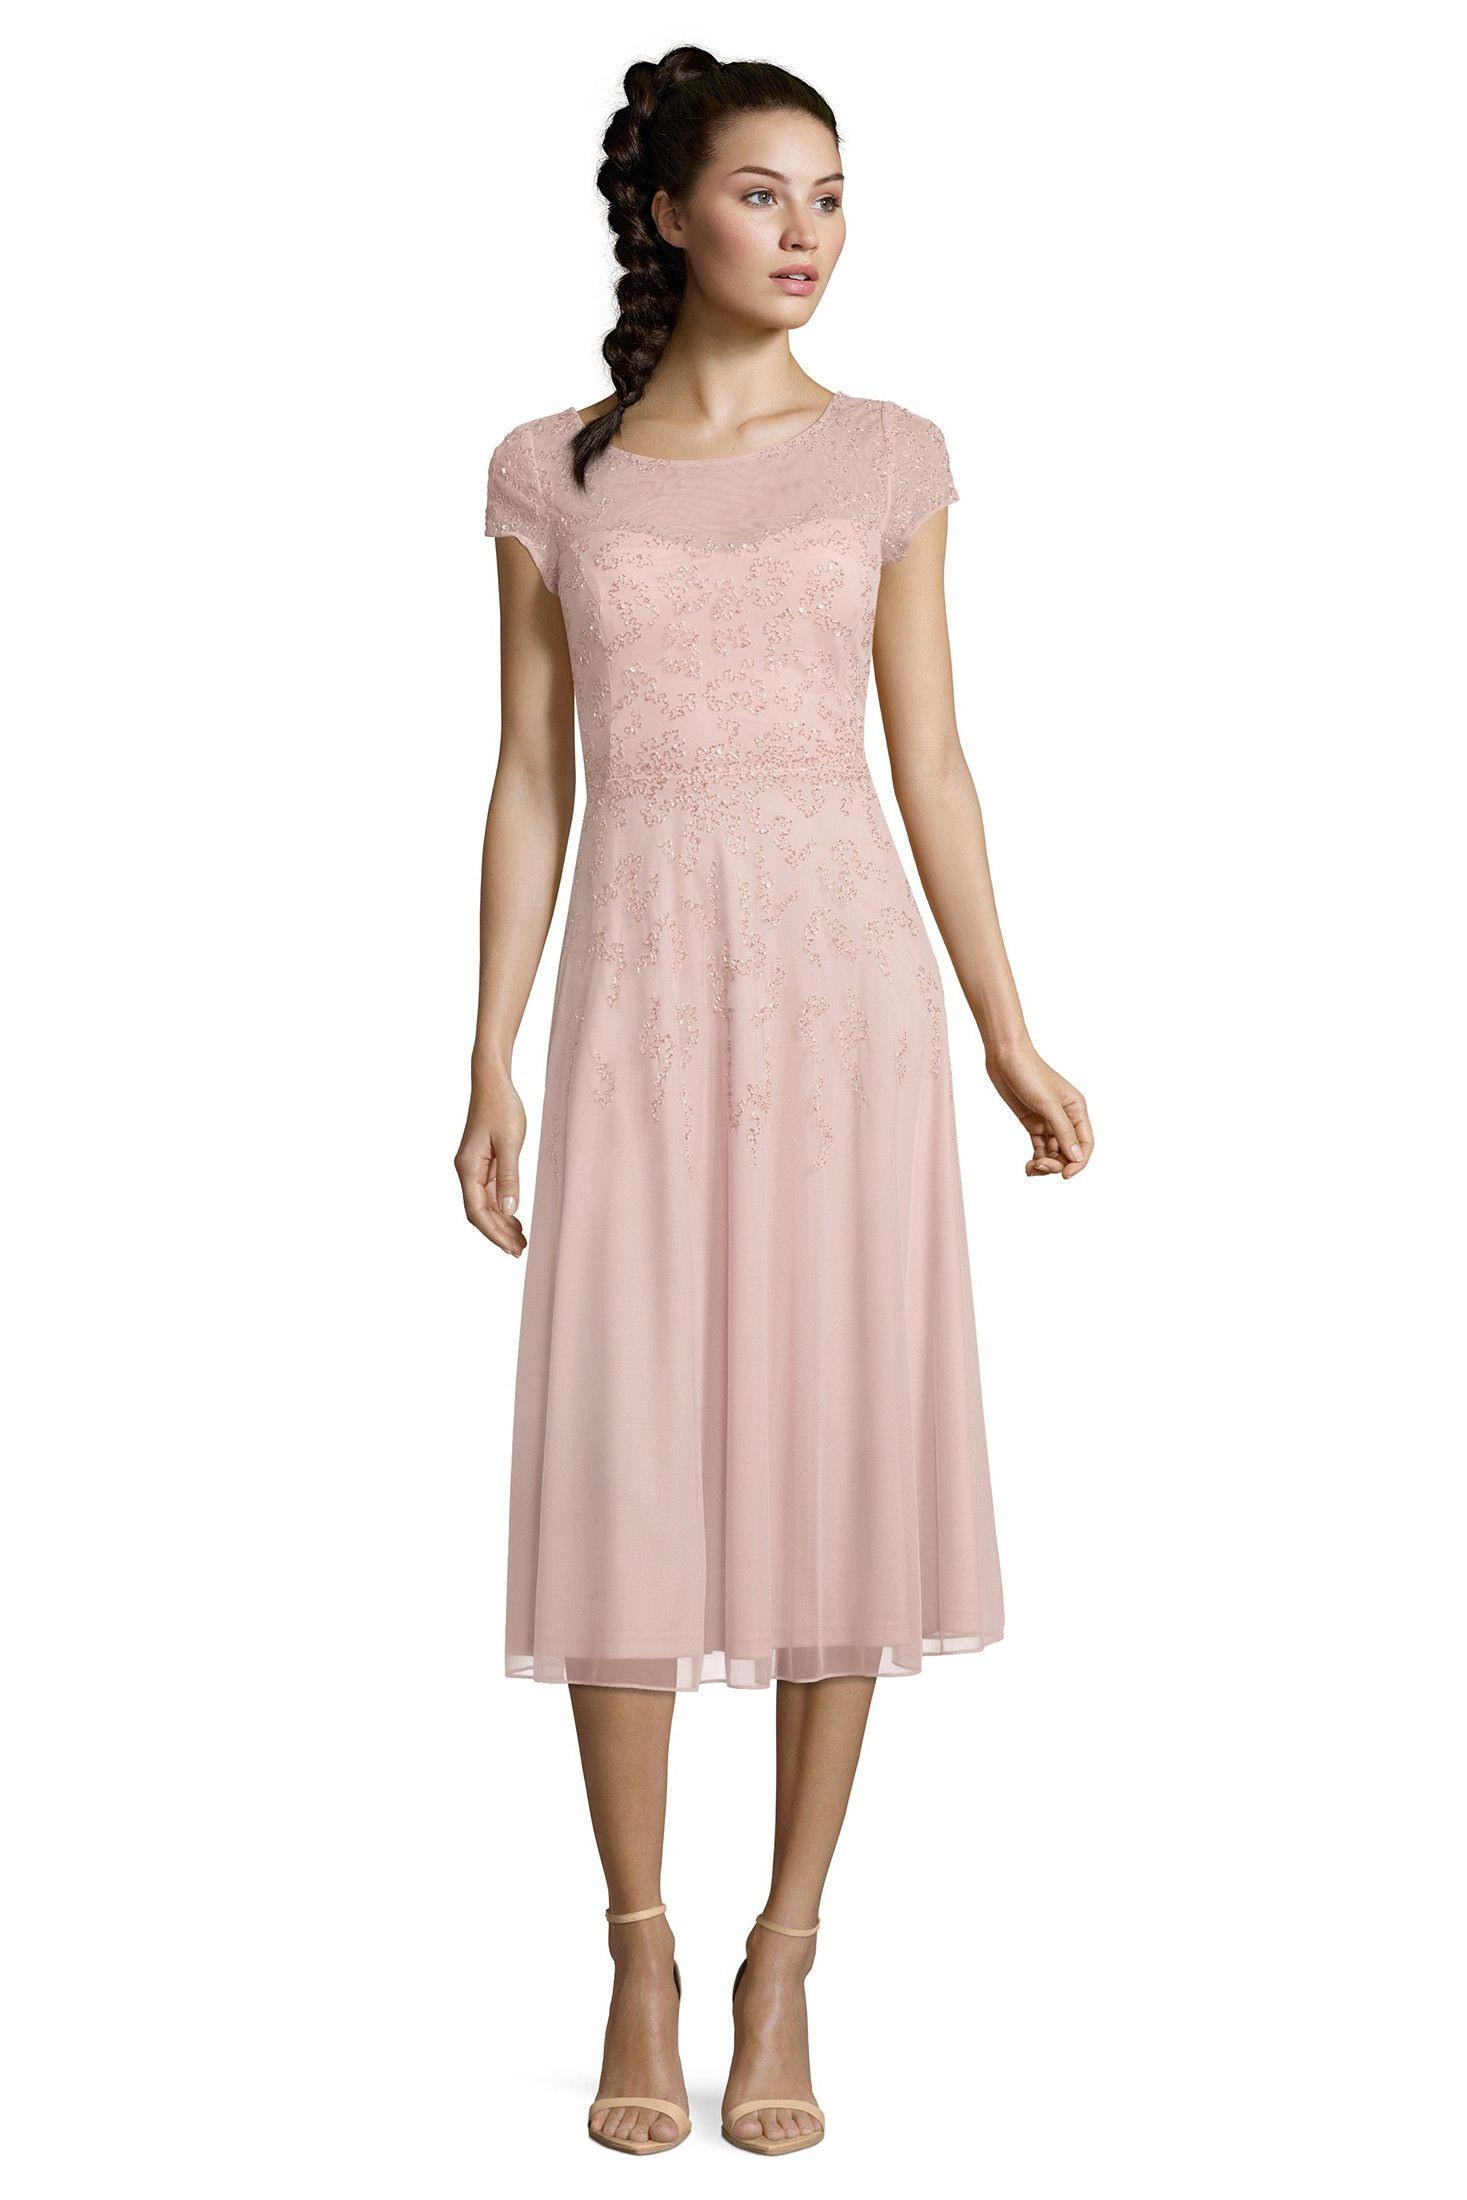 Brautmutter Kleider Wie Dieses Festliche Altrosa Midi-Kleid